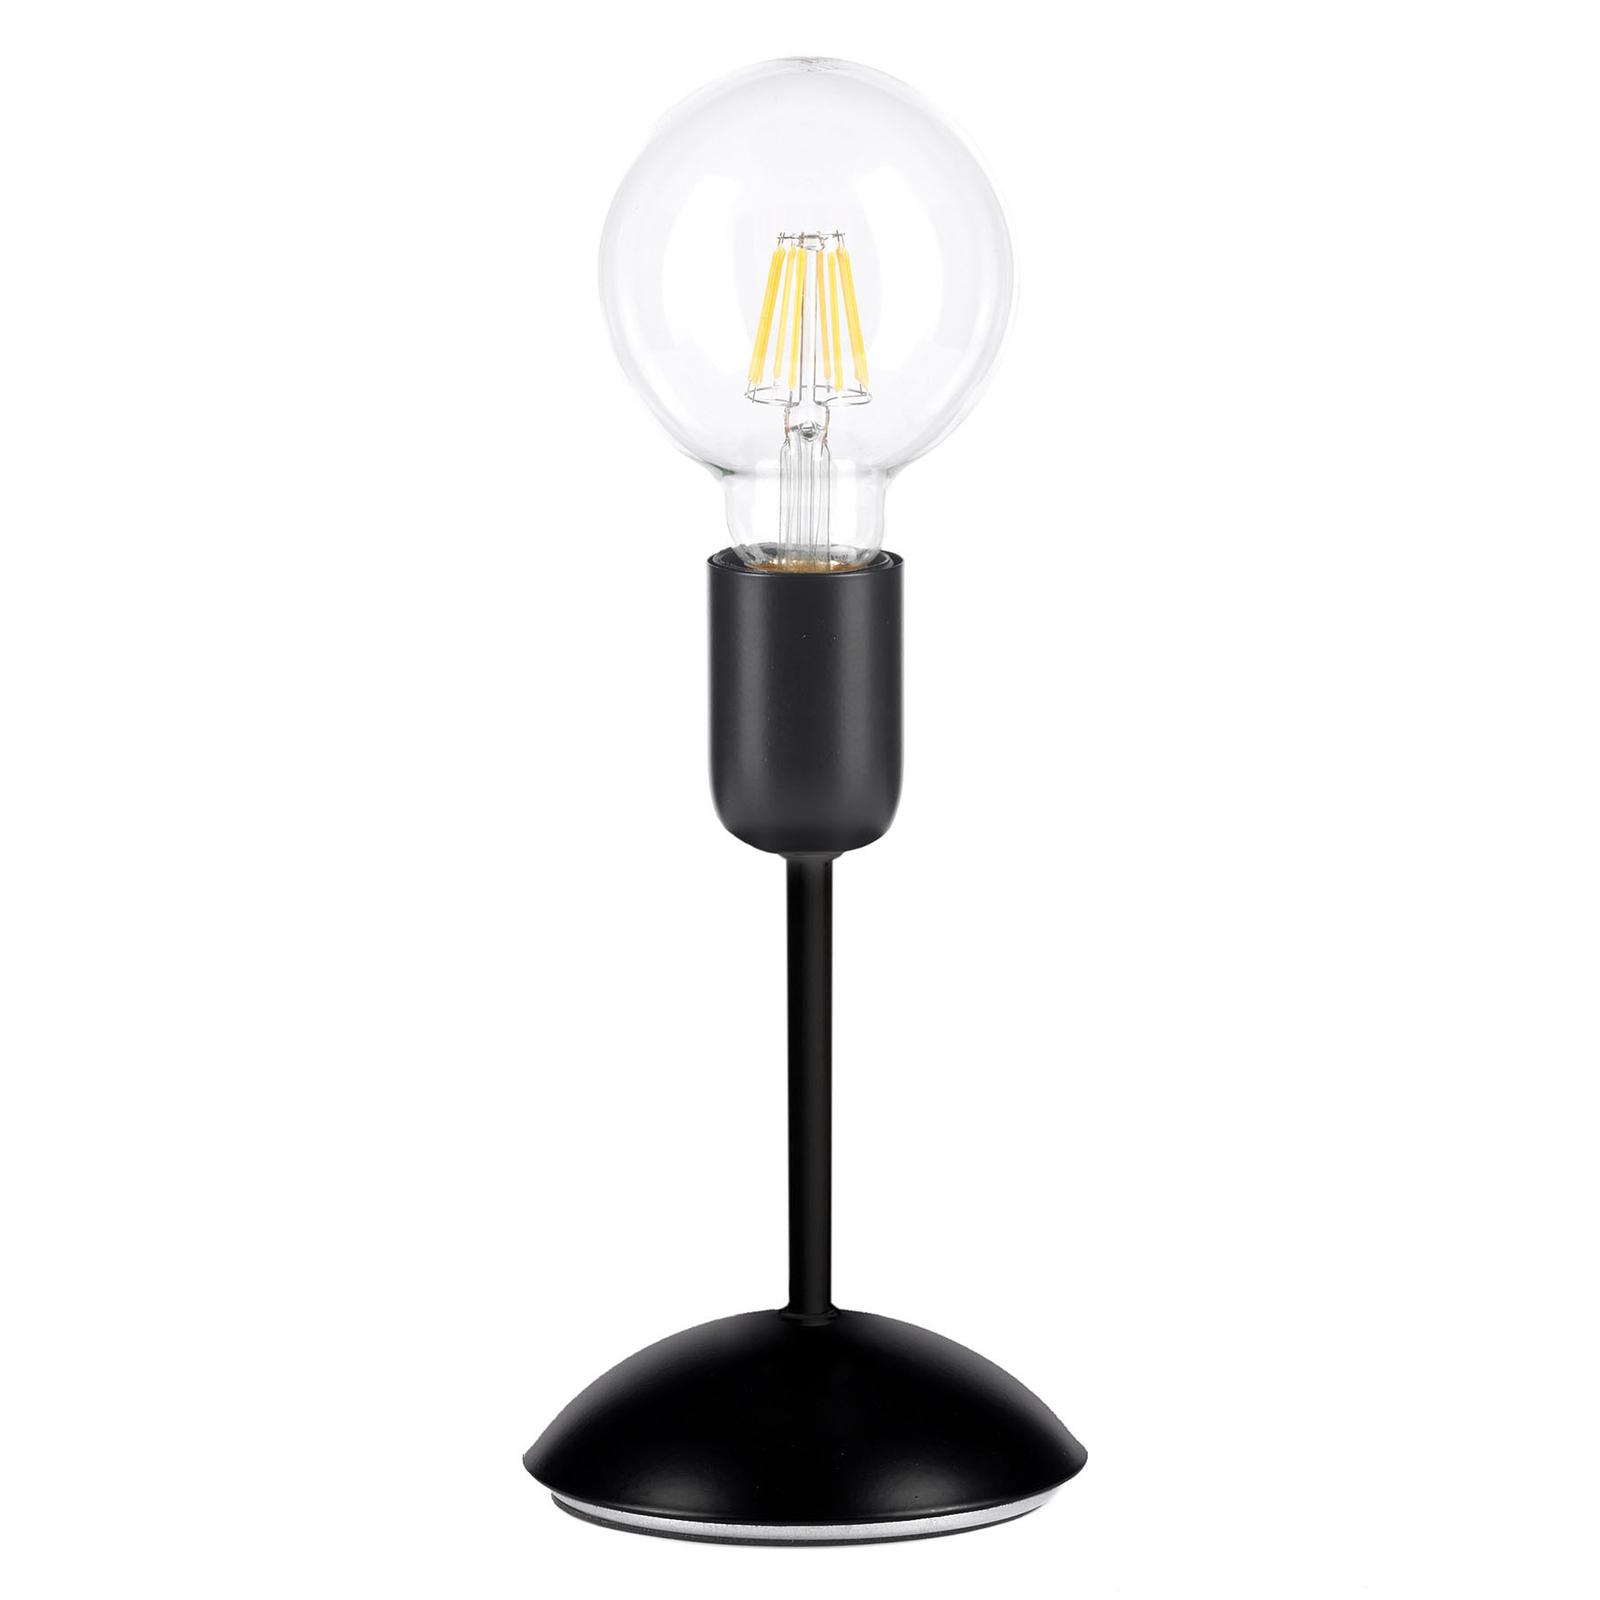 Pöytälamppu Mantis musta, 1-lamppuinen